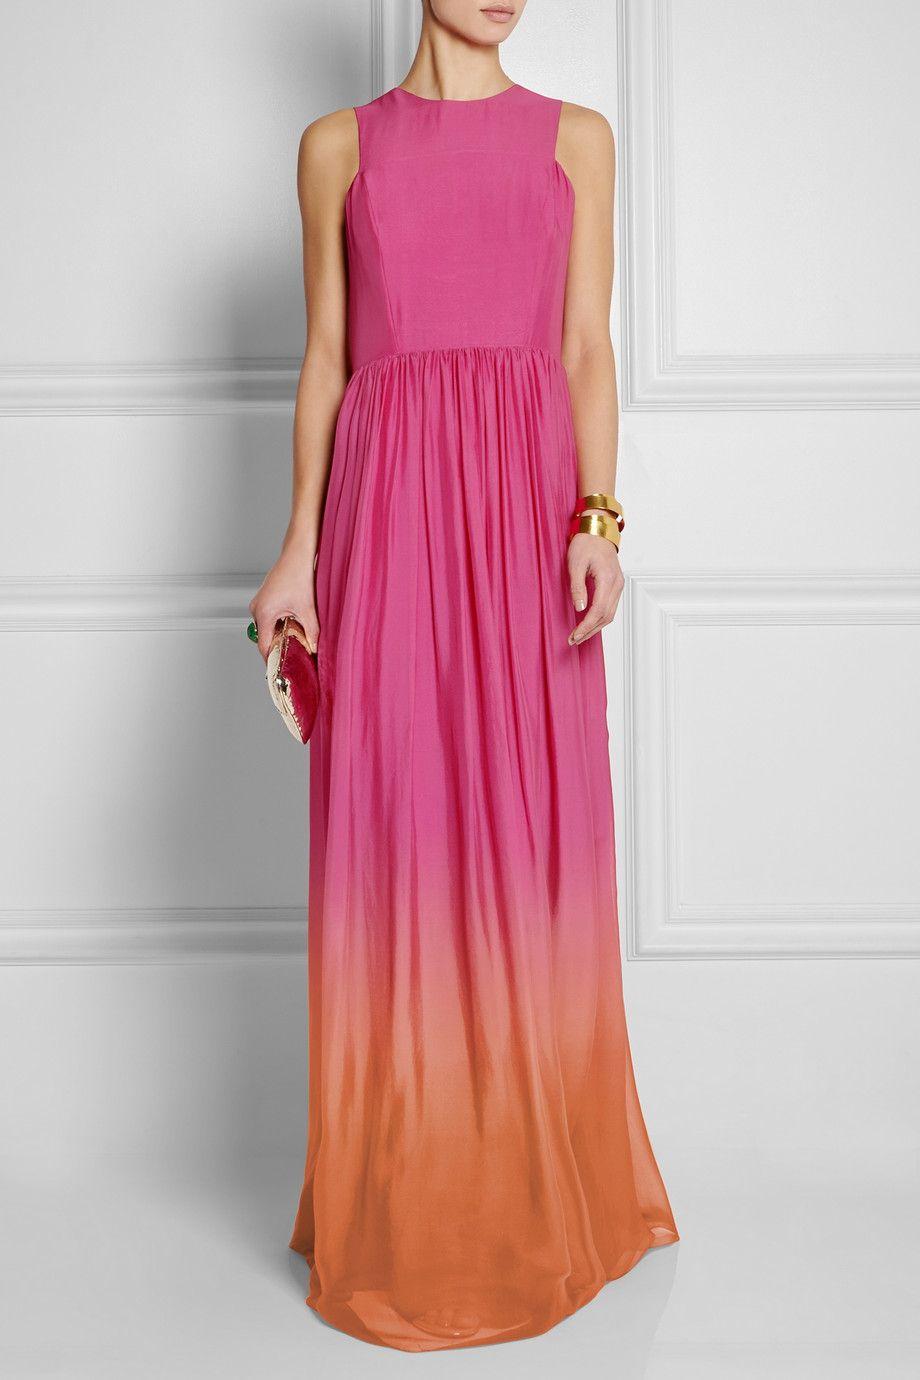 Matthew Williamson   Dégradé silk-voile gown   NET-A-PORTER.COM ...